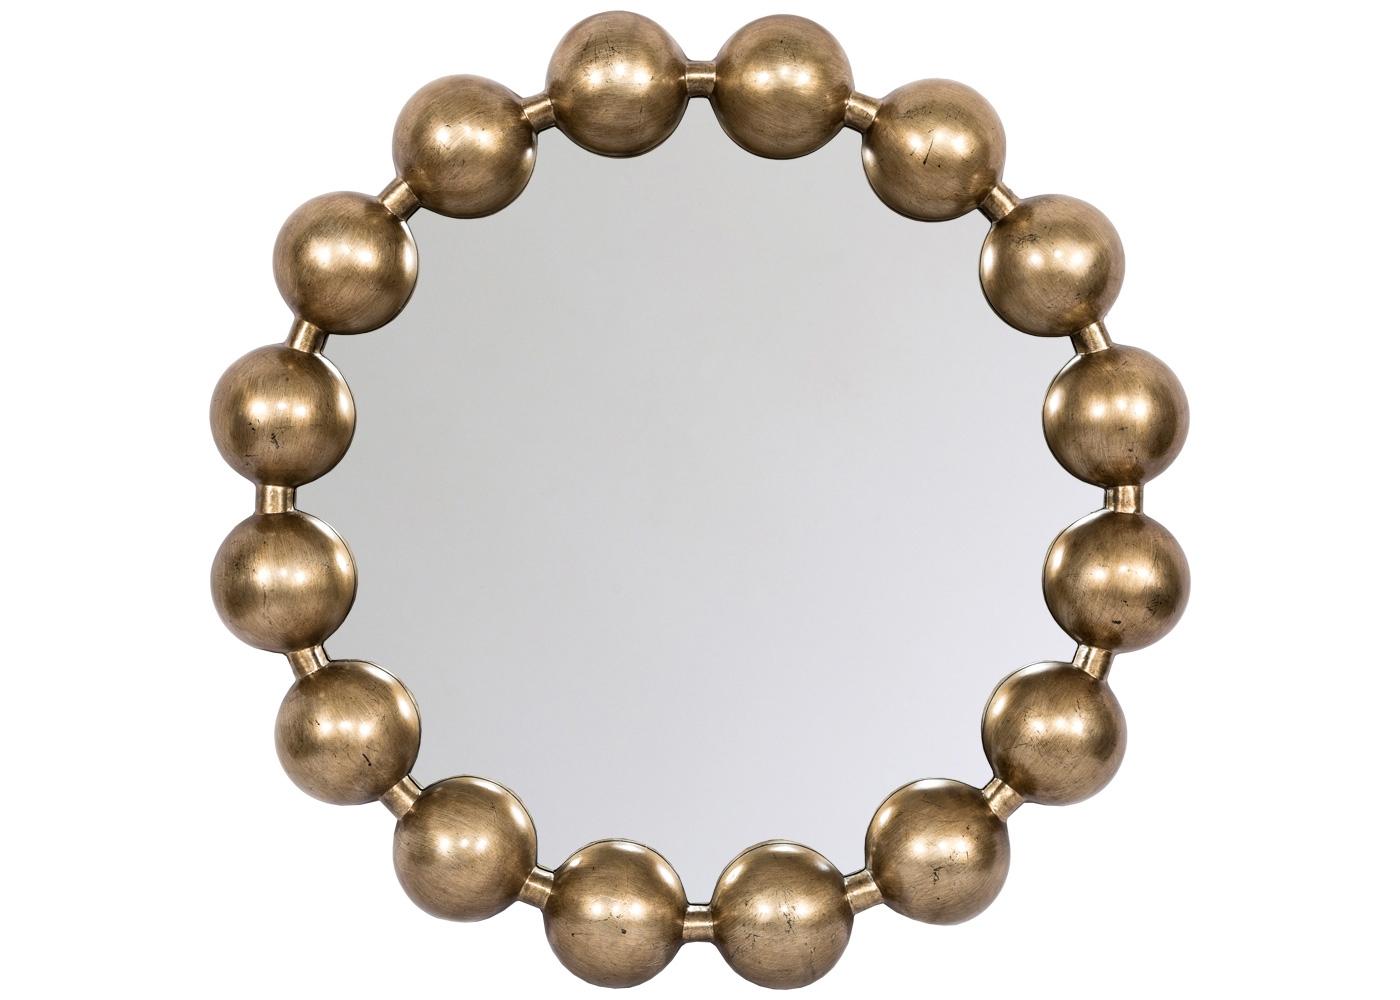 Настенное зеркало «Виконтесса Голд»Настенные зеркала<br>Лаконичный язык модерна способен идеально сочетаться с роскошью классических жанров, неравнодушных к металлизированному блеску и объемности. Особо приветствуются зеркала, дизайн и размер которых угождает любым домашним помещениям. Зеркало &amp;quot;Виконтесса&amp;quot; равноправно в гостиной комнате, спальне, столовой, холле и прихожей. Подражая дамскому ожерелью, обруч рамы кокетливо унизан переливающимися жемчужинами. Отражаясь в зеркале, их лощеная окружность рассеивает по периметру зеркала благородные золотистые блики.<br><br>Material: Полиуретан<br>Высота см: 8<br>Глубина см: 8.0